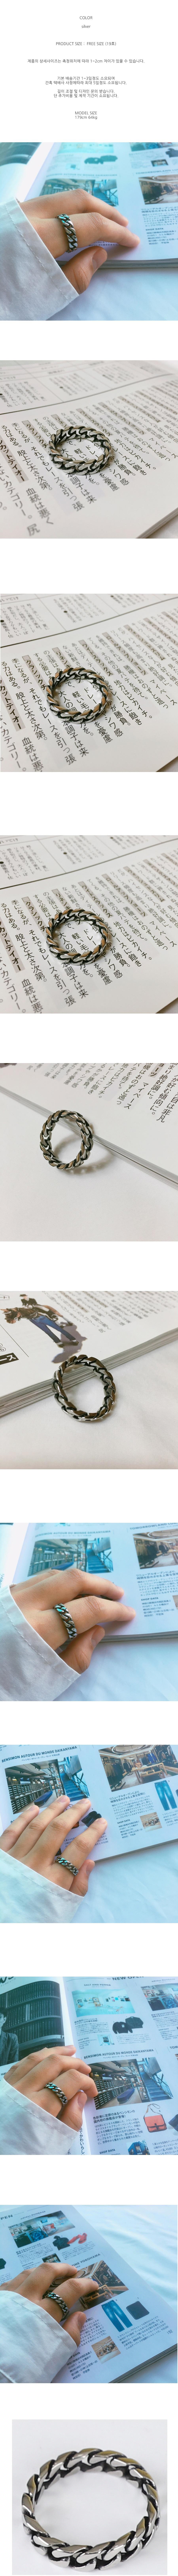 남자 실버 체인 반지 watermelon man ring - 빅애플, 18,830원, 패션, 패션반지